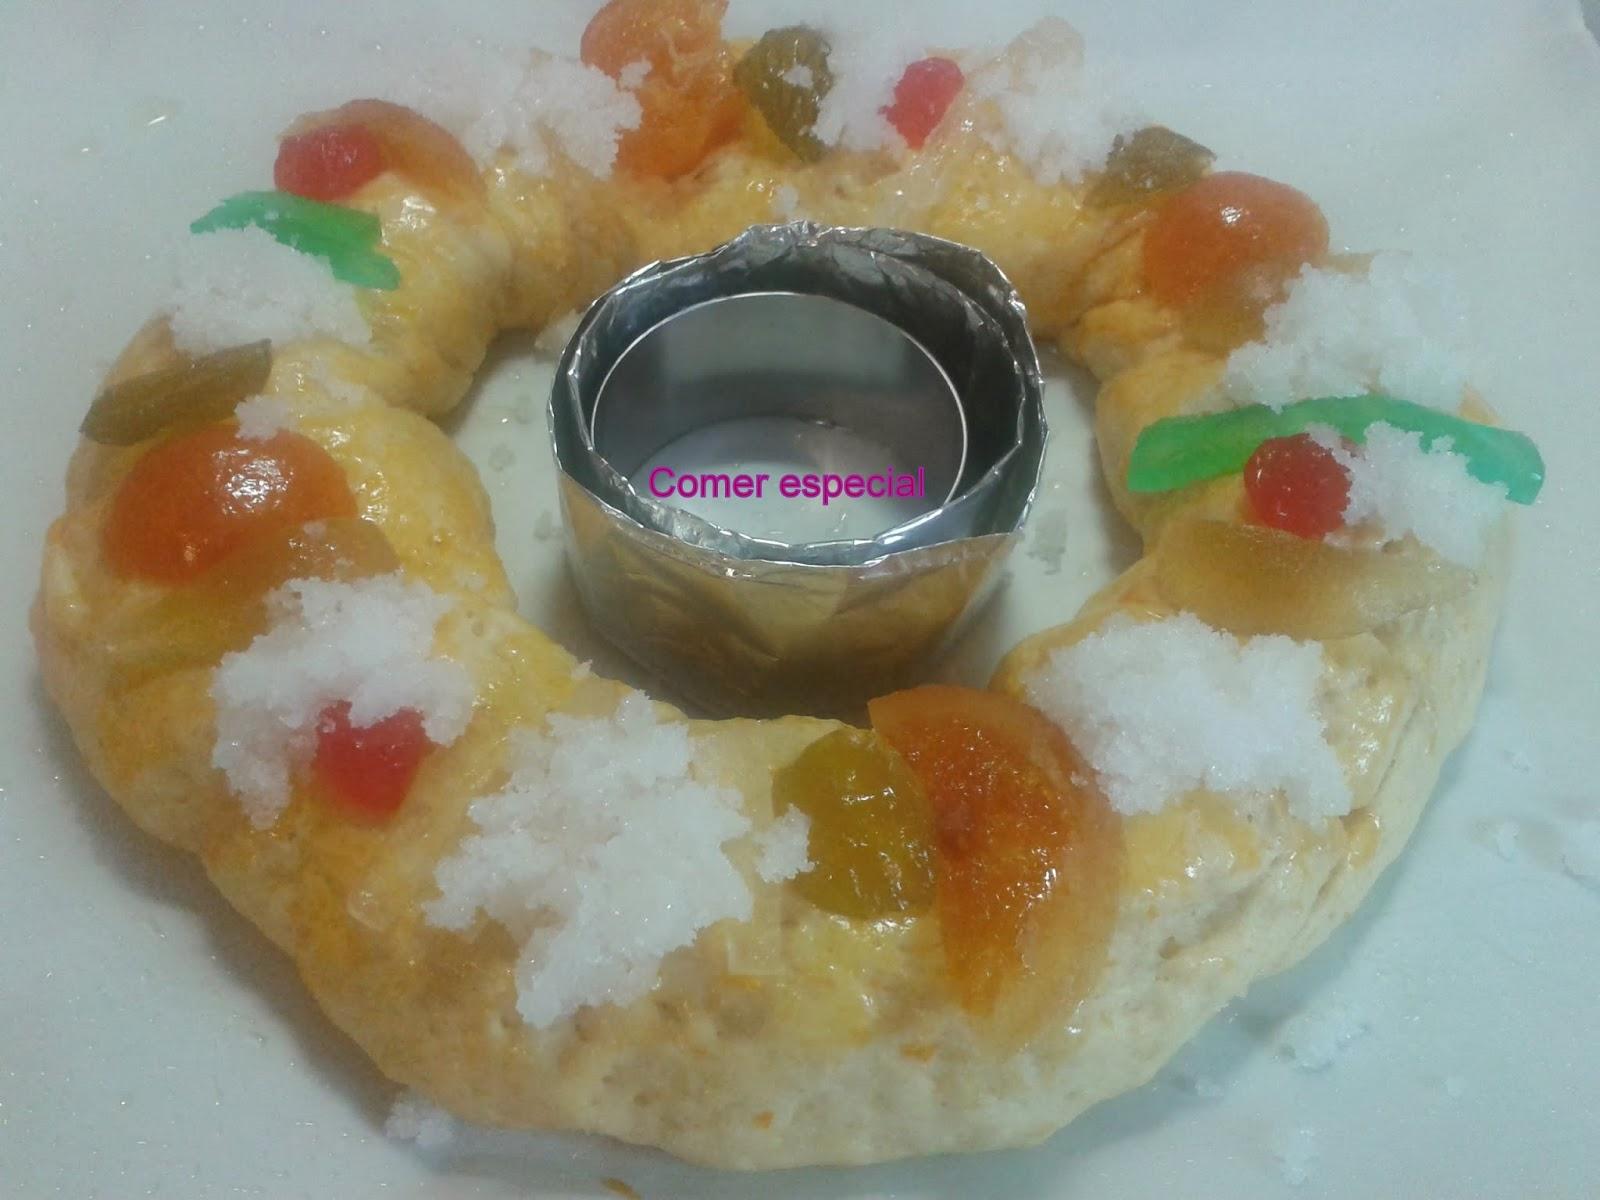 http://comerespecial.blogspot.com/2014/01/roscon-de-reyes-sin-lactosa.html